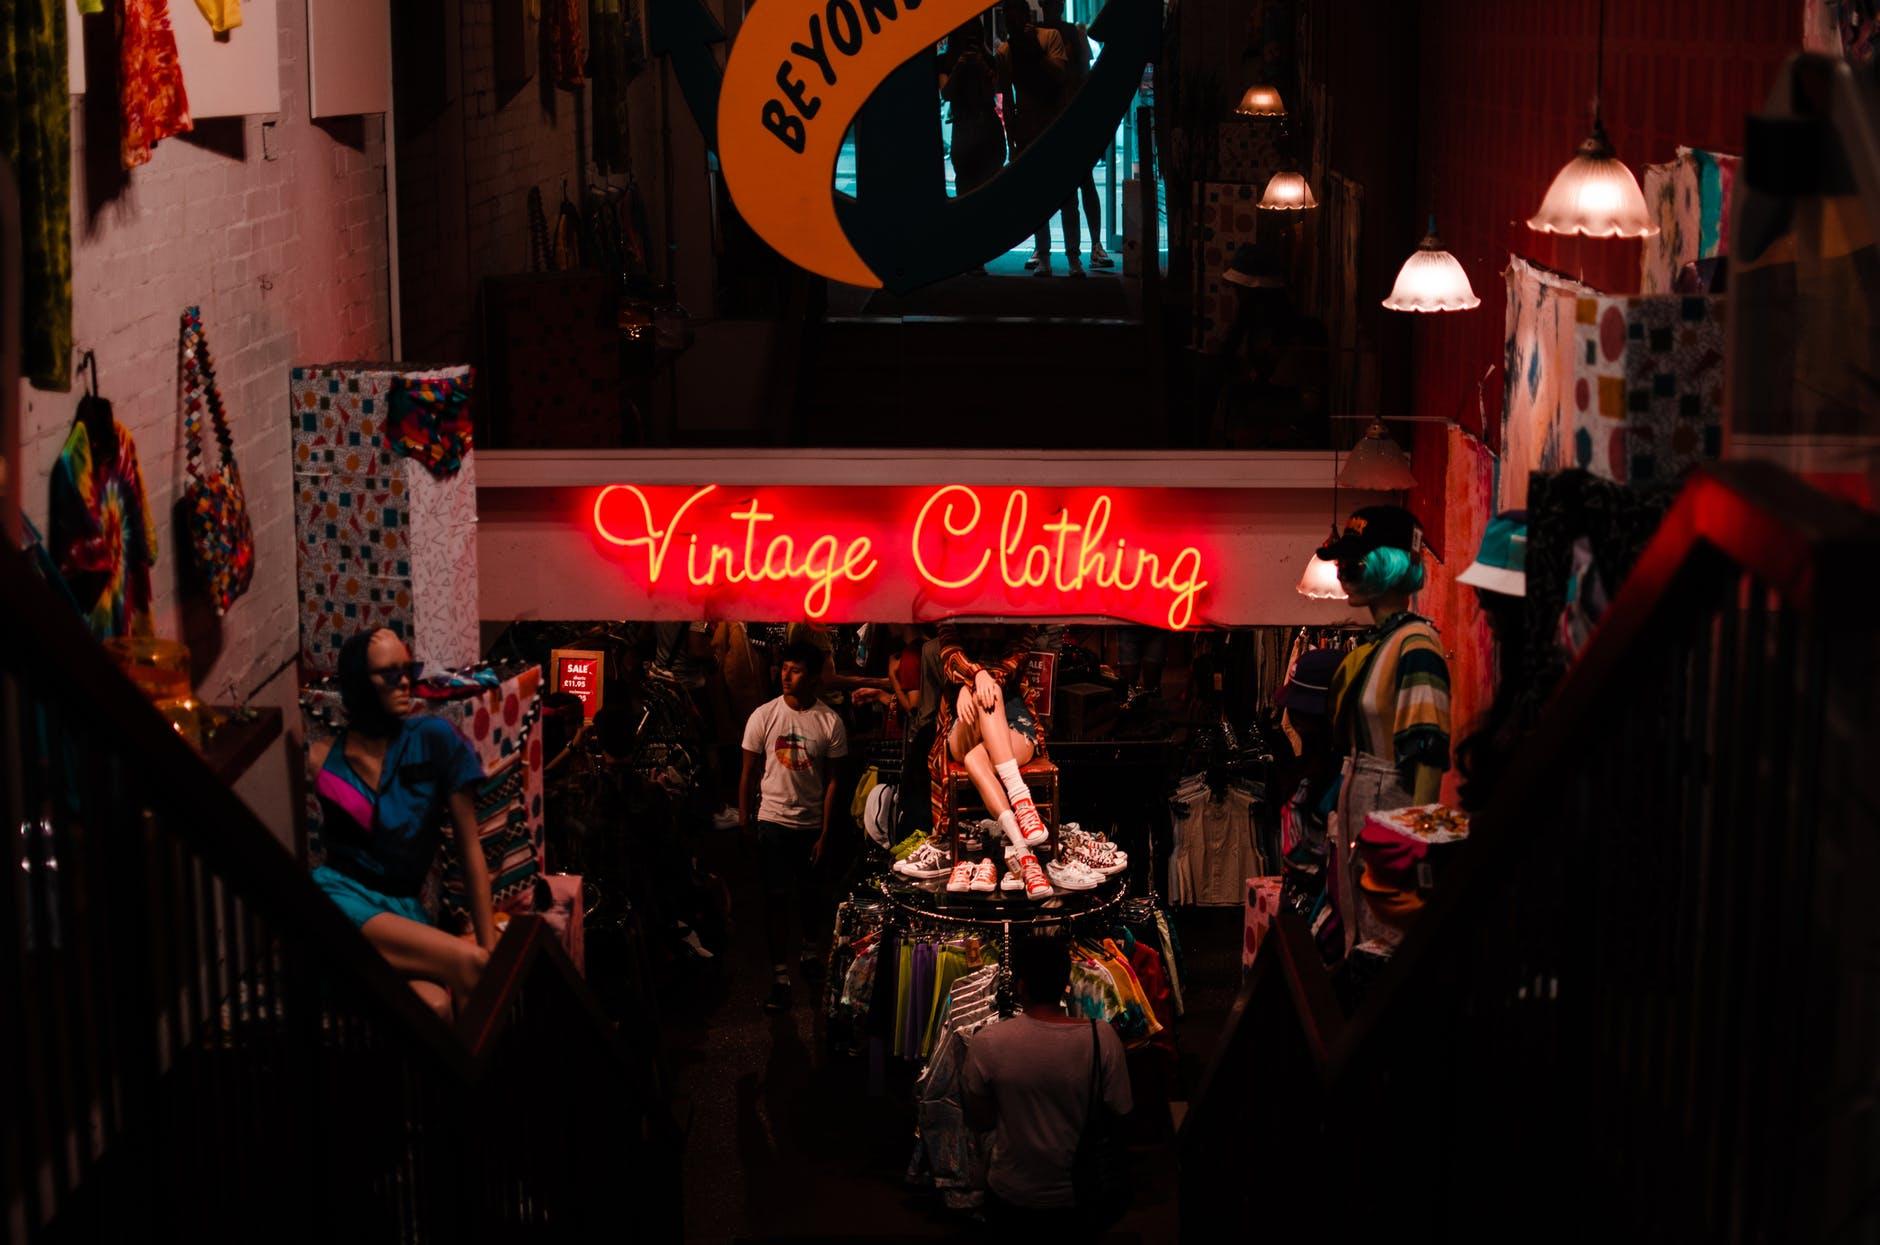 Vintage ropa sostenible